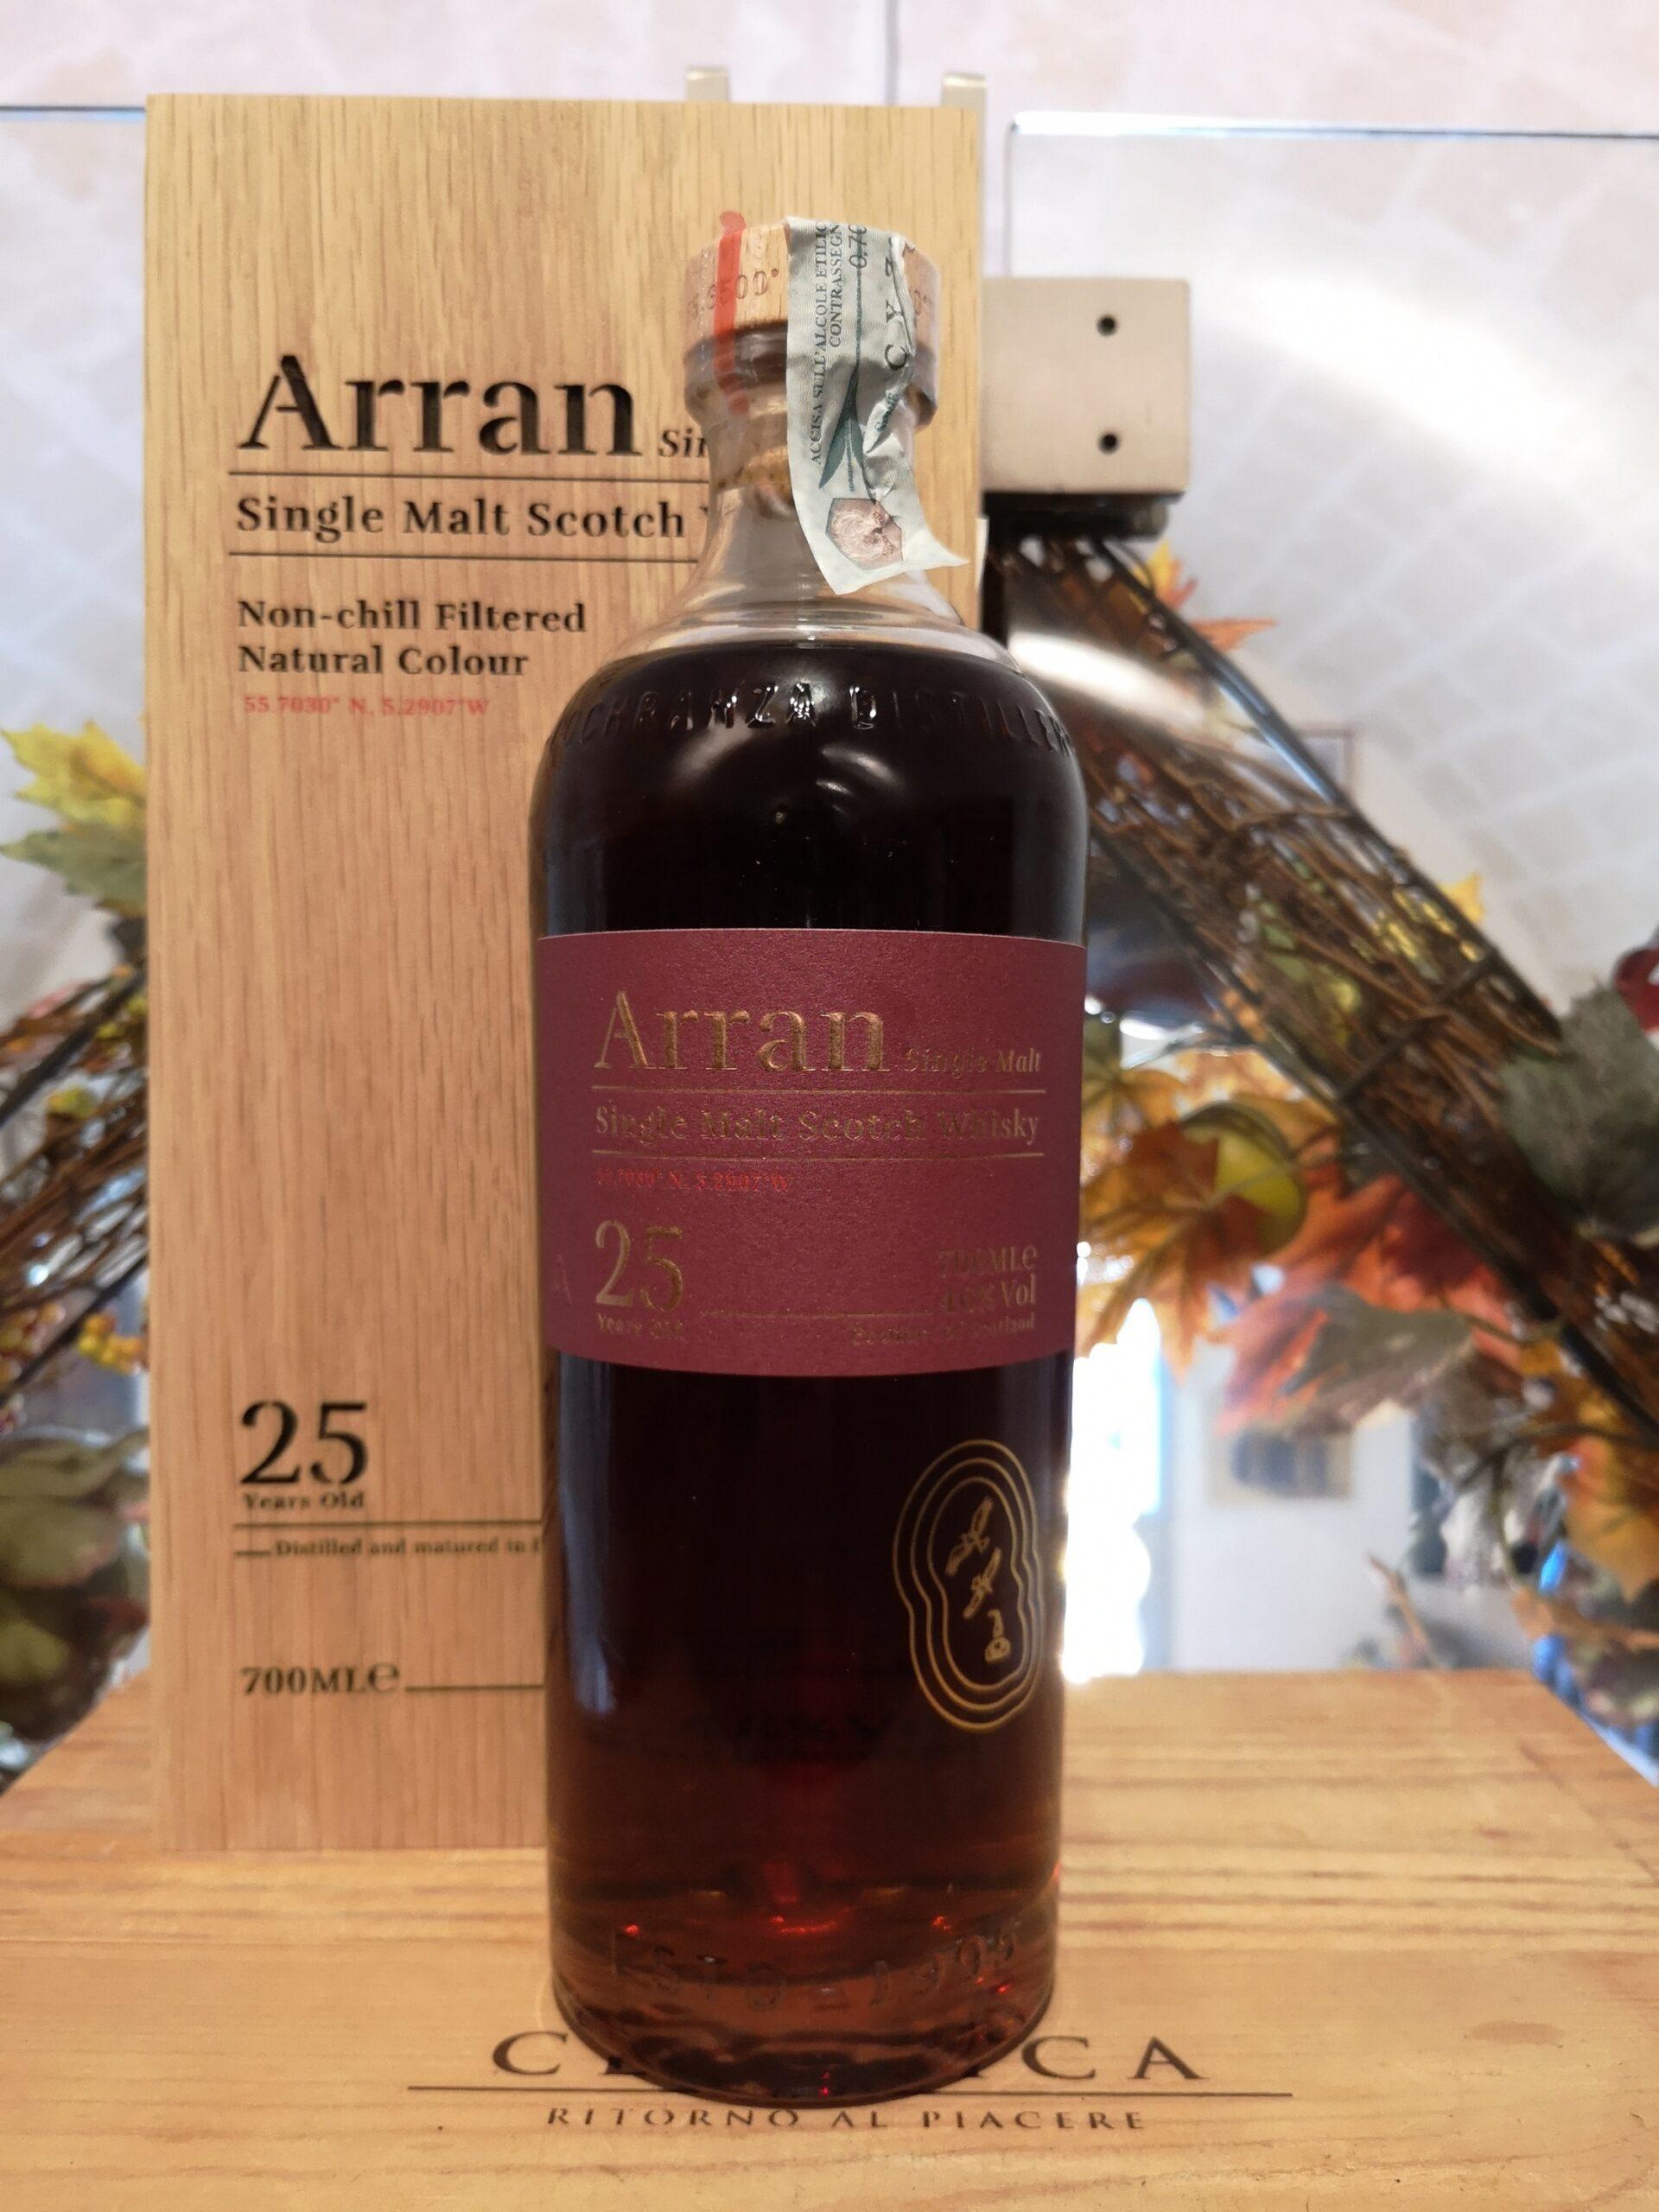 Arran Single Malt Scotch Whisky 25 YO